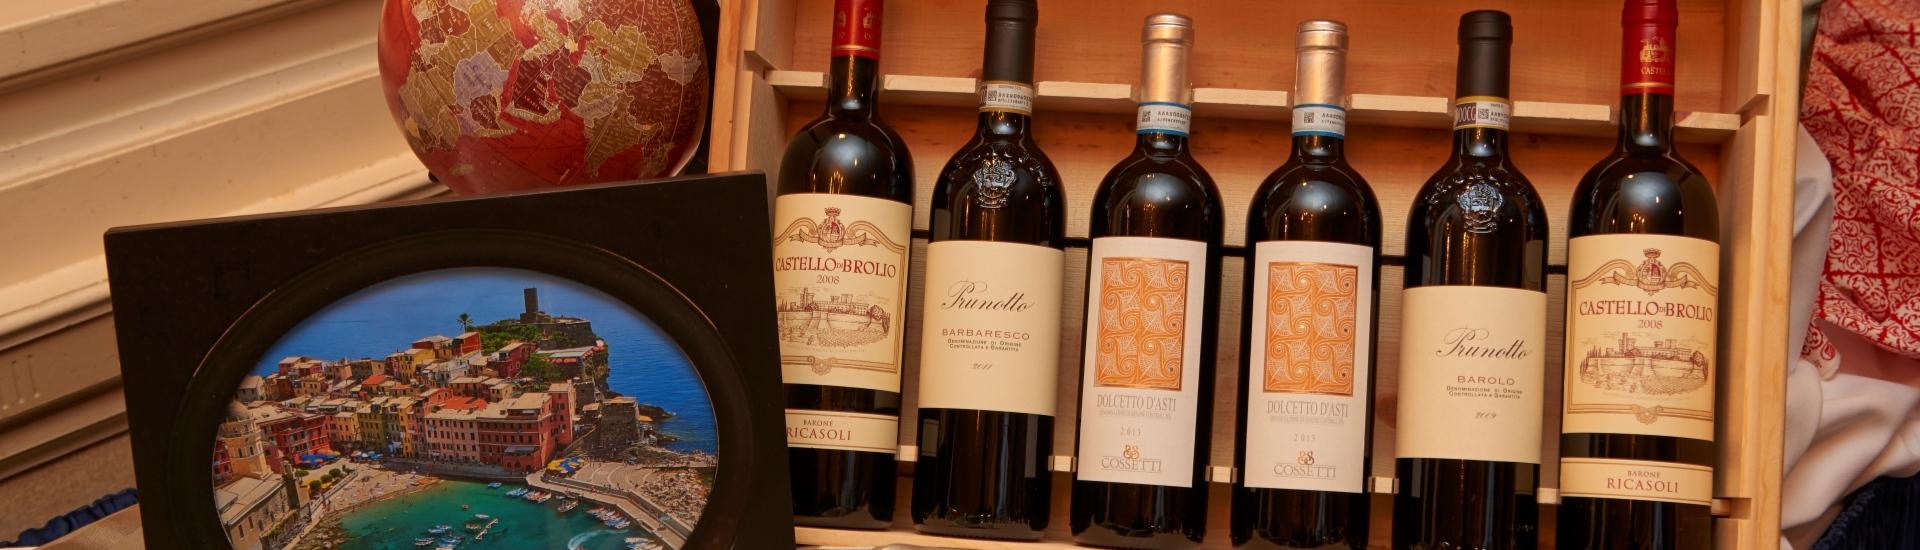 Wine Dinner wine bottles on table